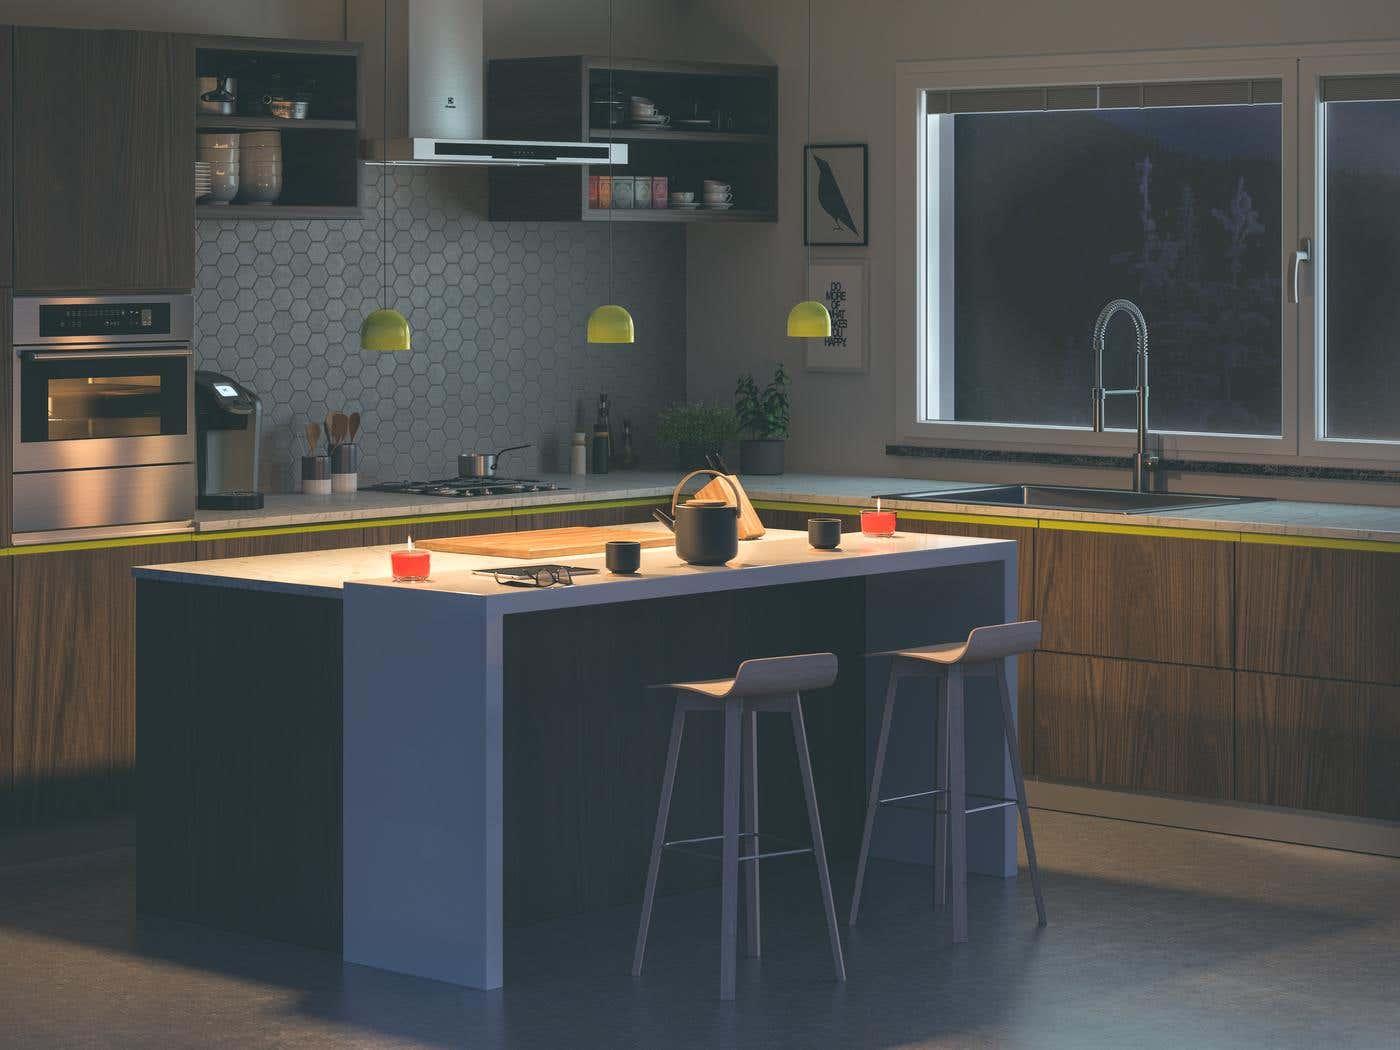 Night_kitchen.jpg